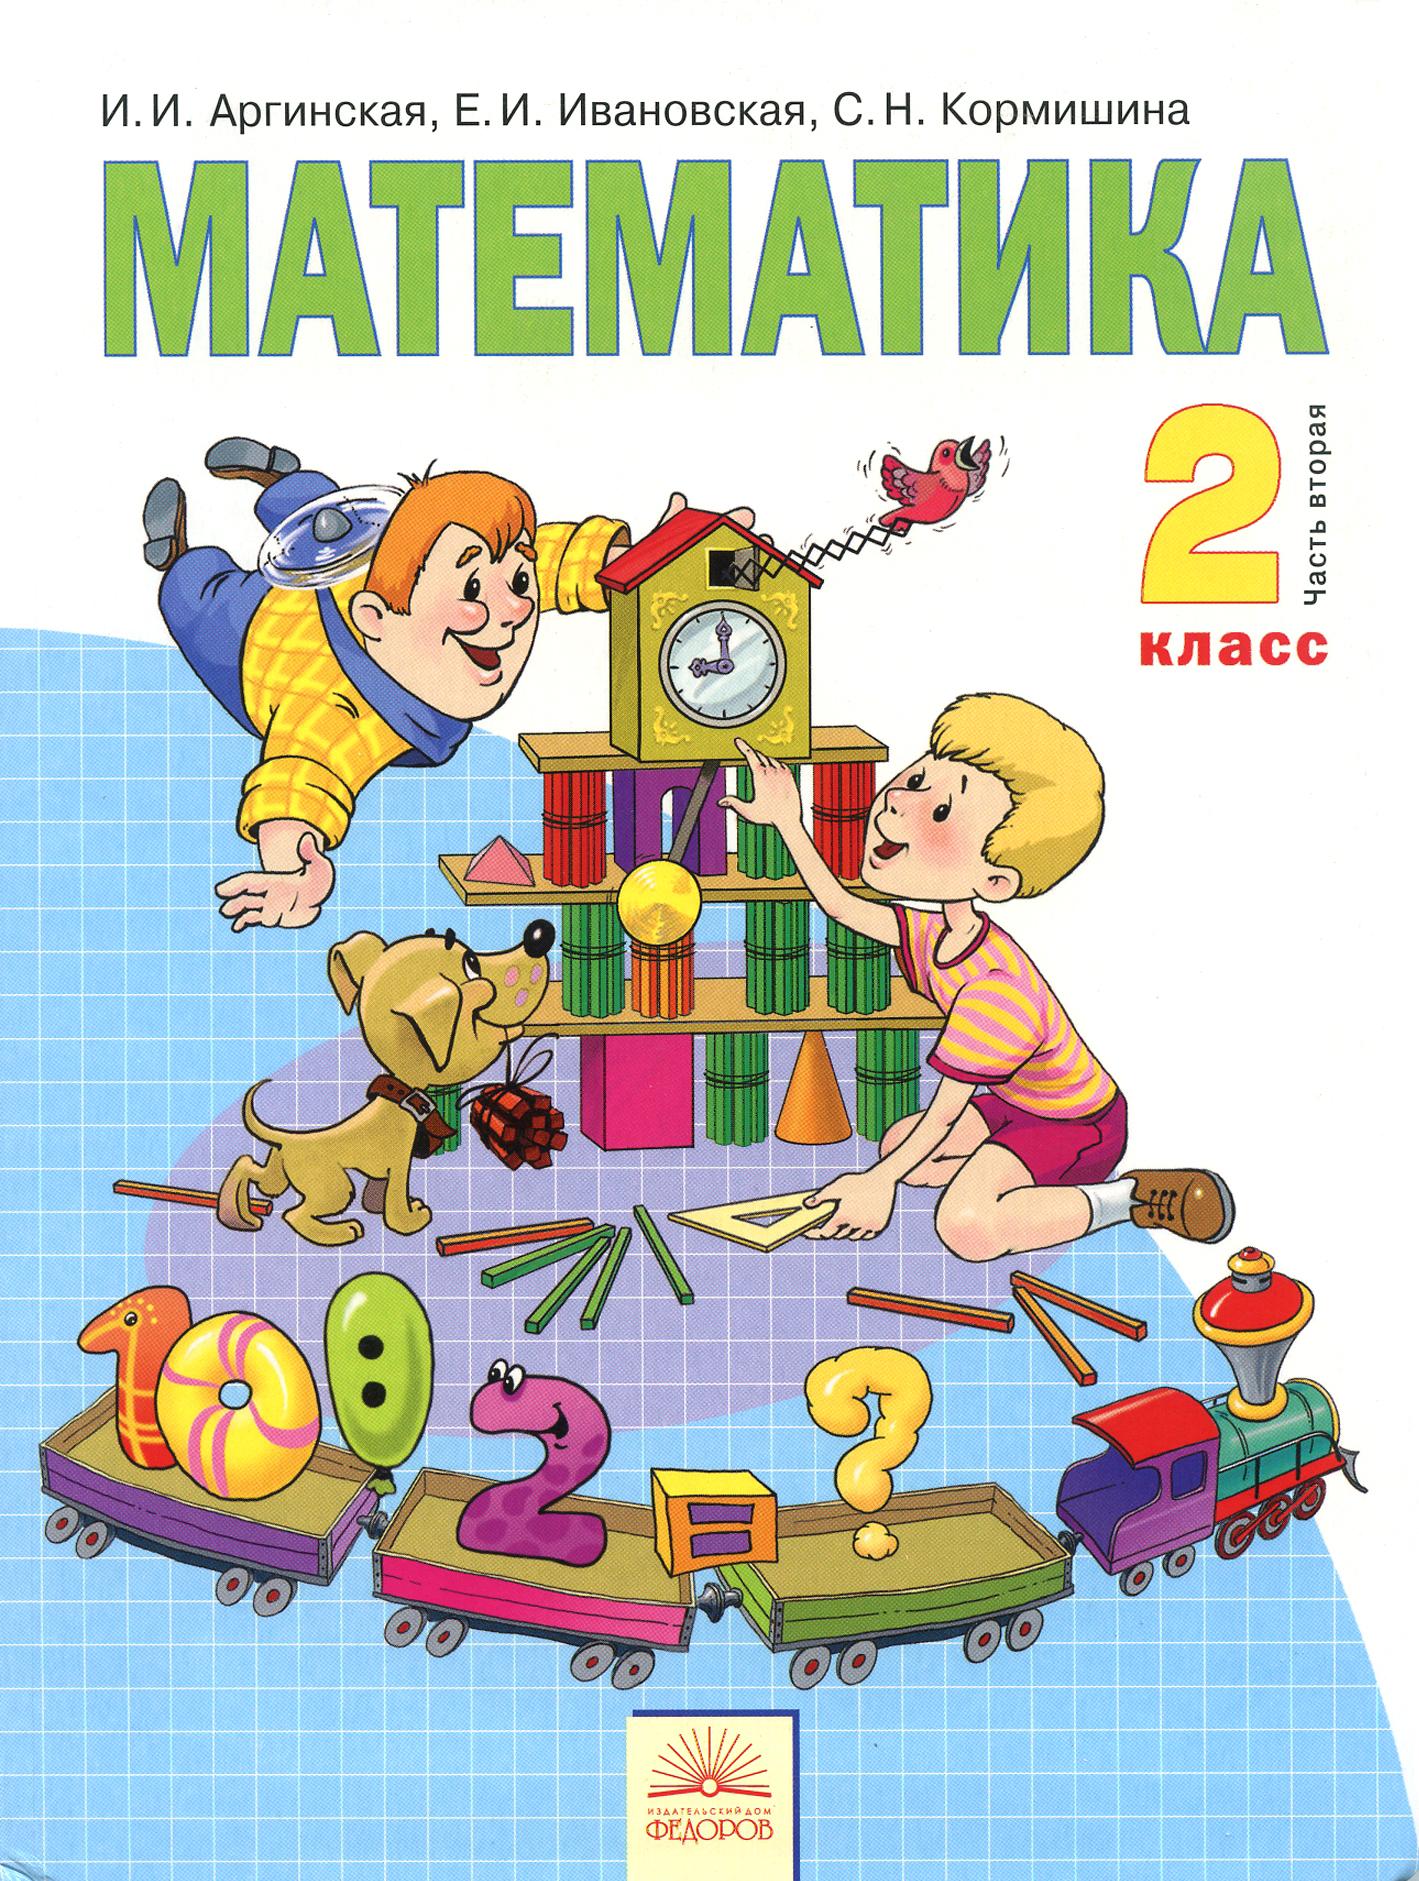 Аргинская И.И.,Ивановская Е.И.,Кормишина С.Н. Математика. 2 класс. В 2-х частях. Часть 2. Учебник бененсон е итина л математика 1 класс рабочая тетрадь 1